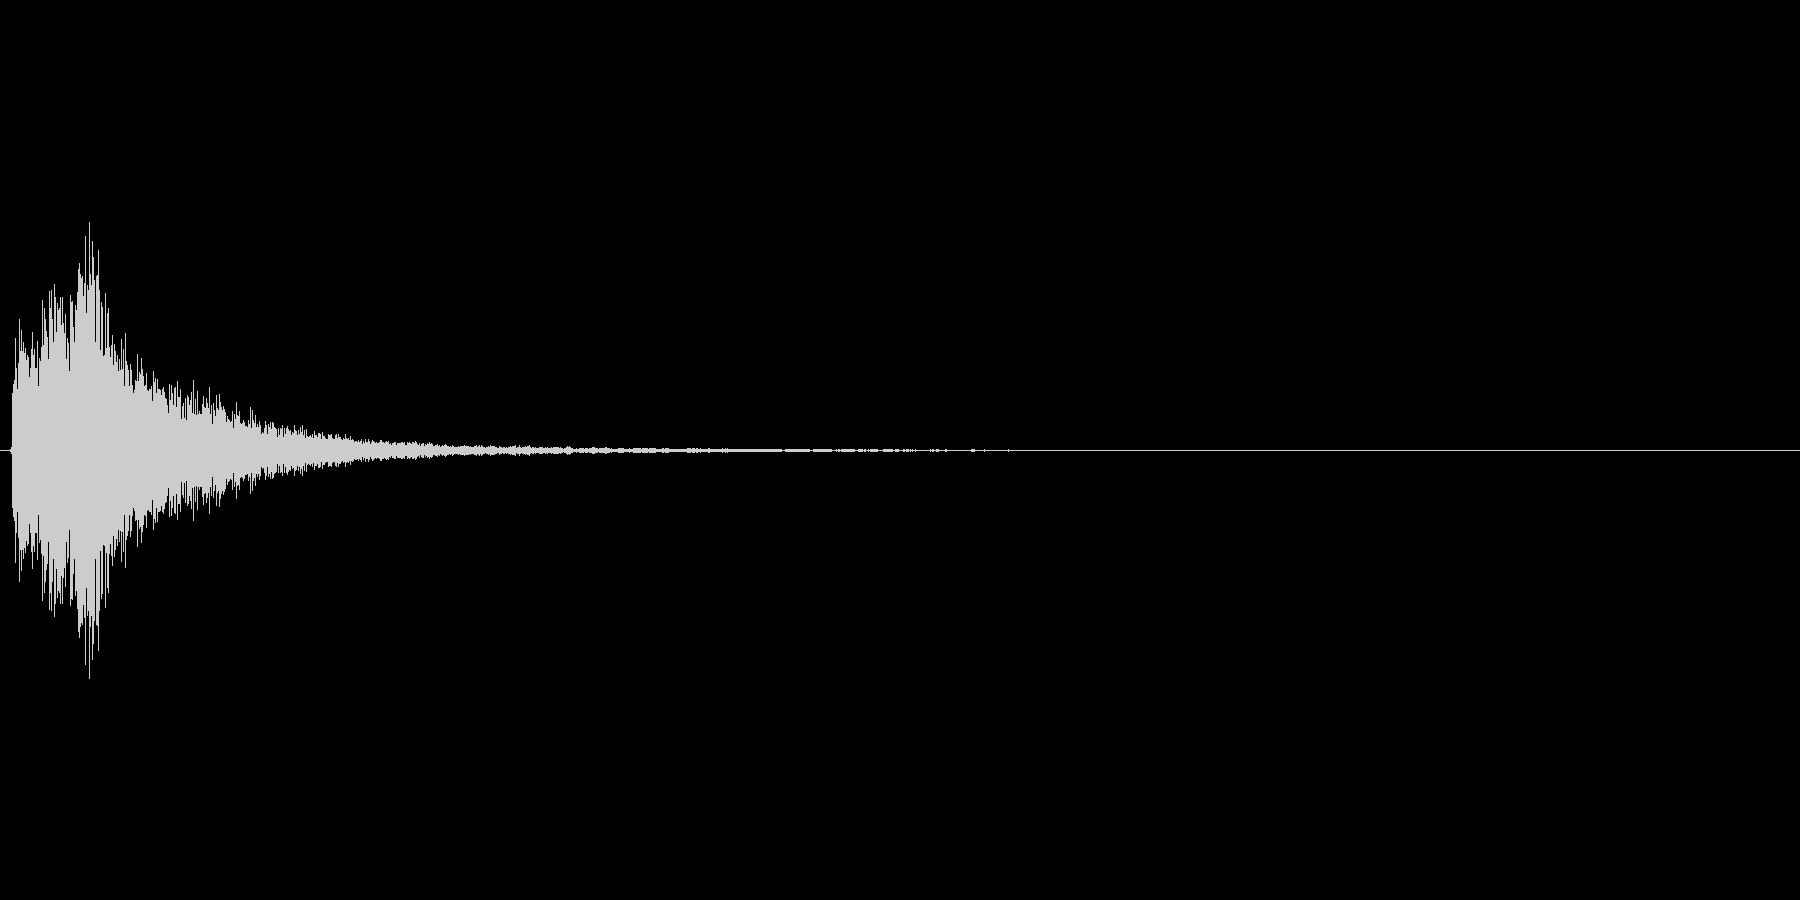 ピロロンというかわいらしいアイテム使用…の未再生の波形